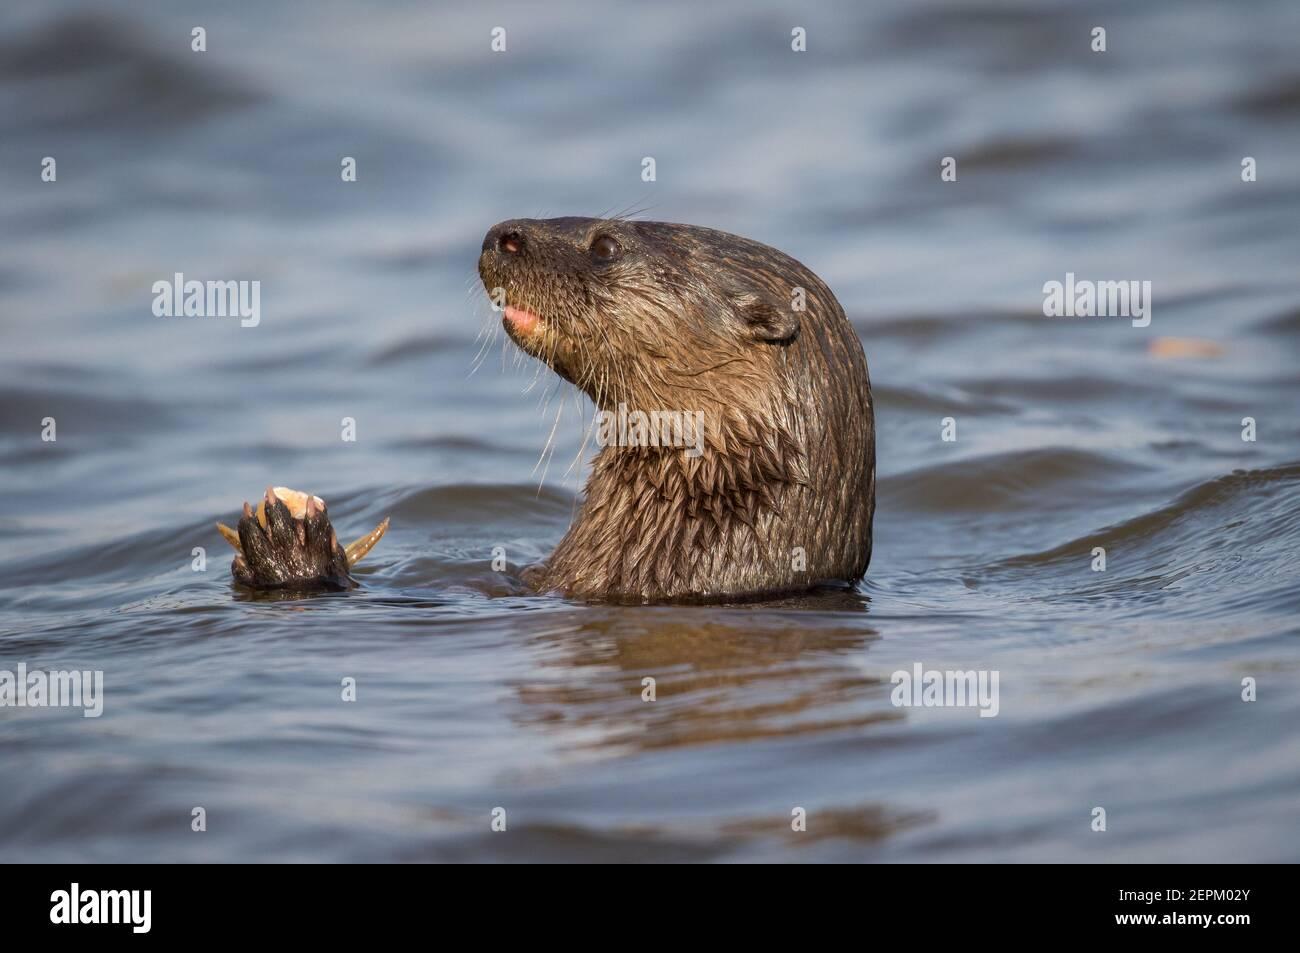 Neotropical otter in Fazenda Barranco Alto, Mato Grosso do Sul, Brazil. Stock Photo